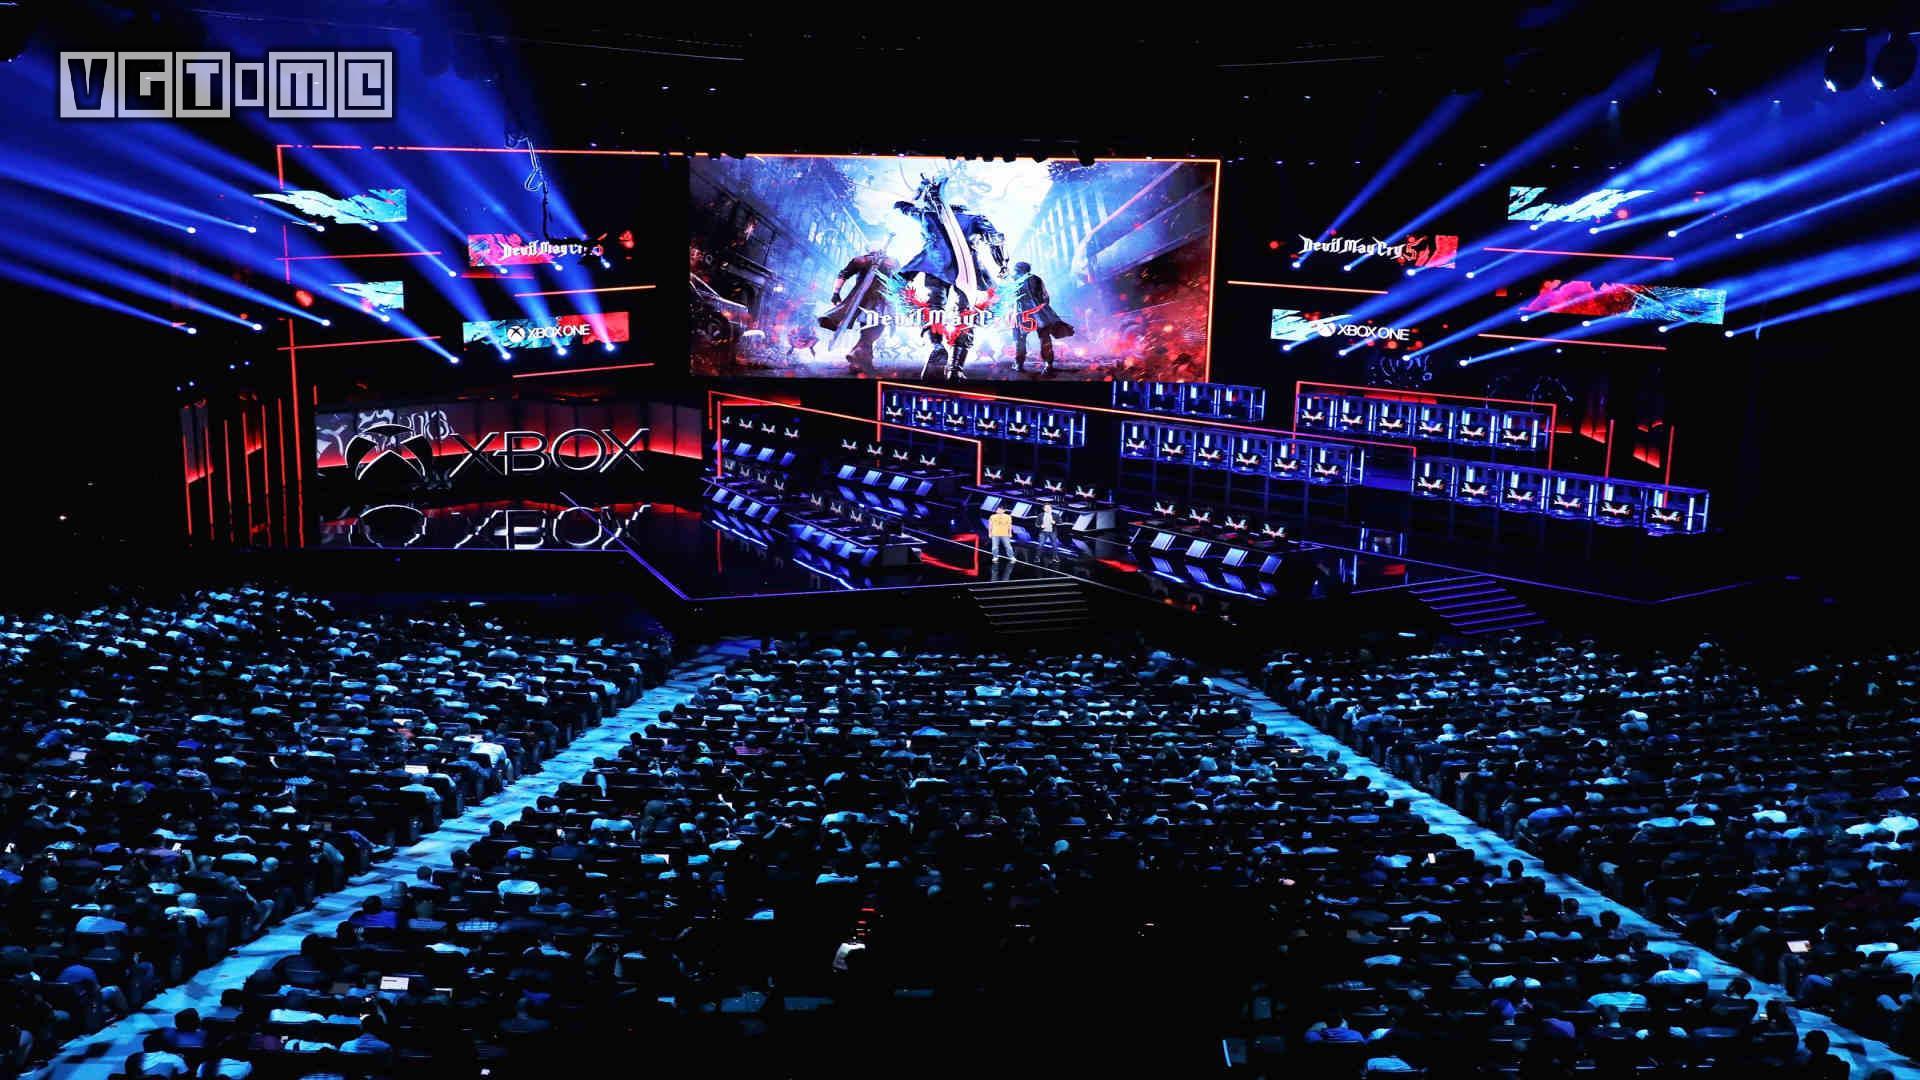 索尼缺席之后,为何微软会继续留守E3?